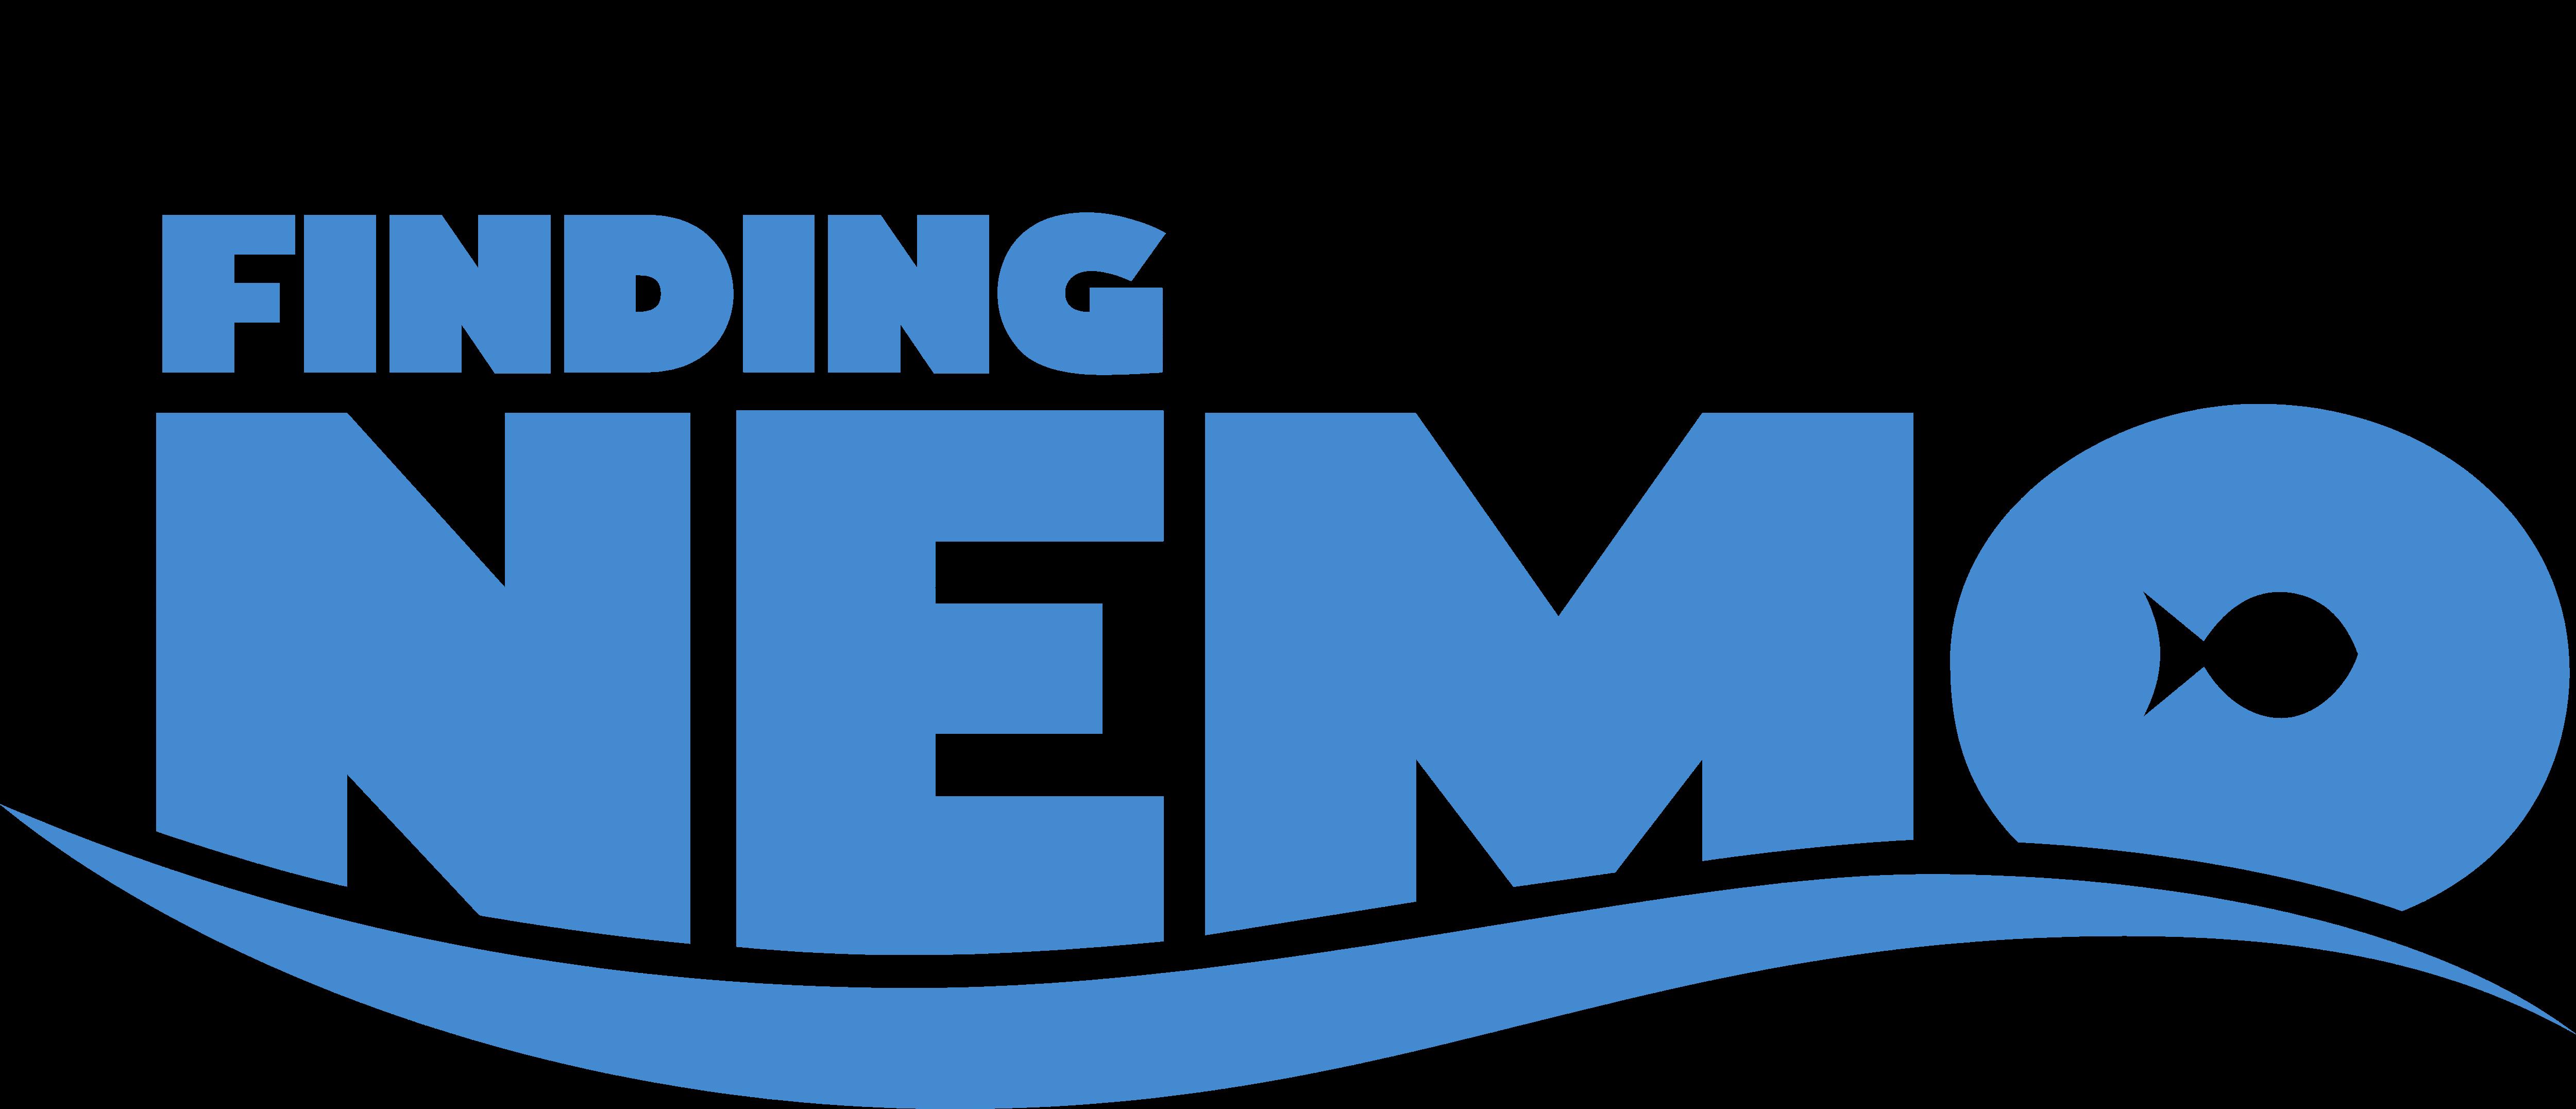 Finding Nemo – Logos Download